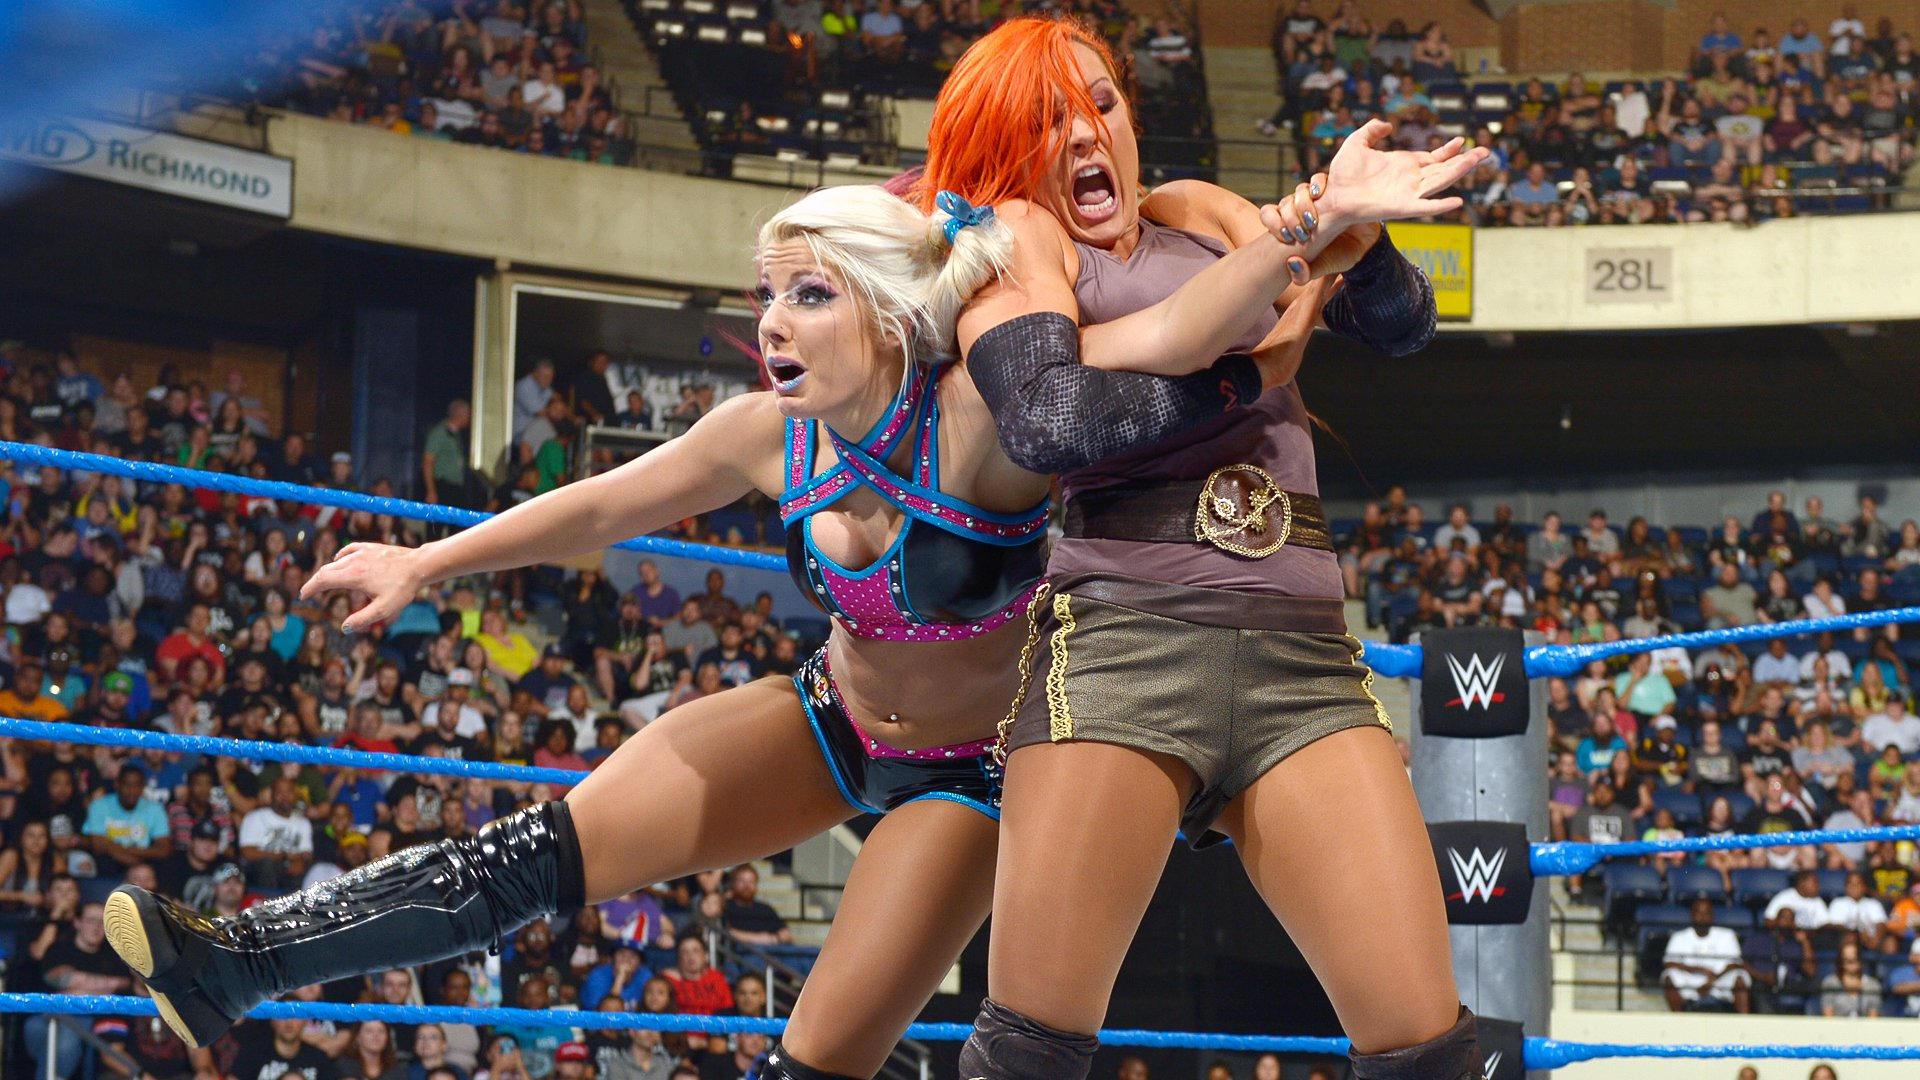 Lynch attacks Alexa Bliss